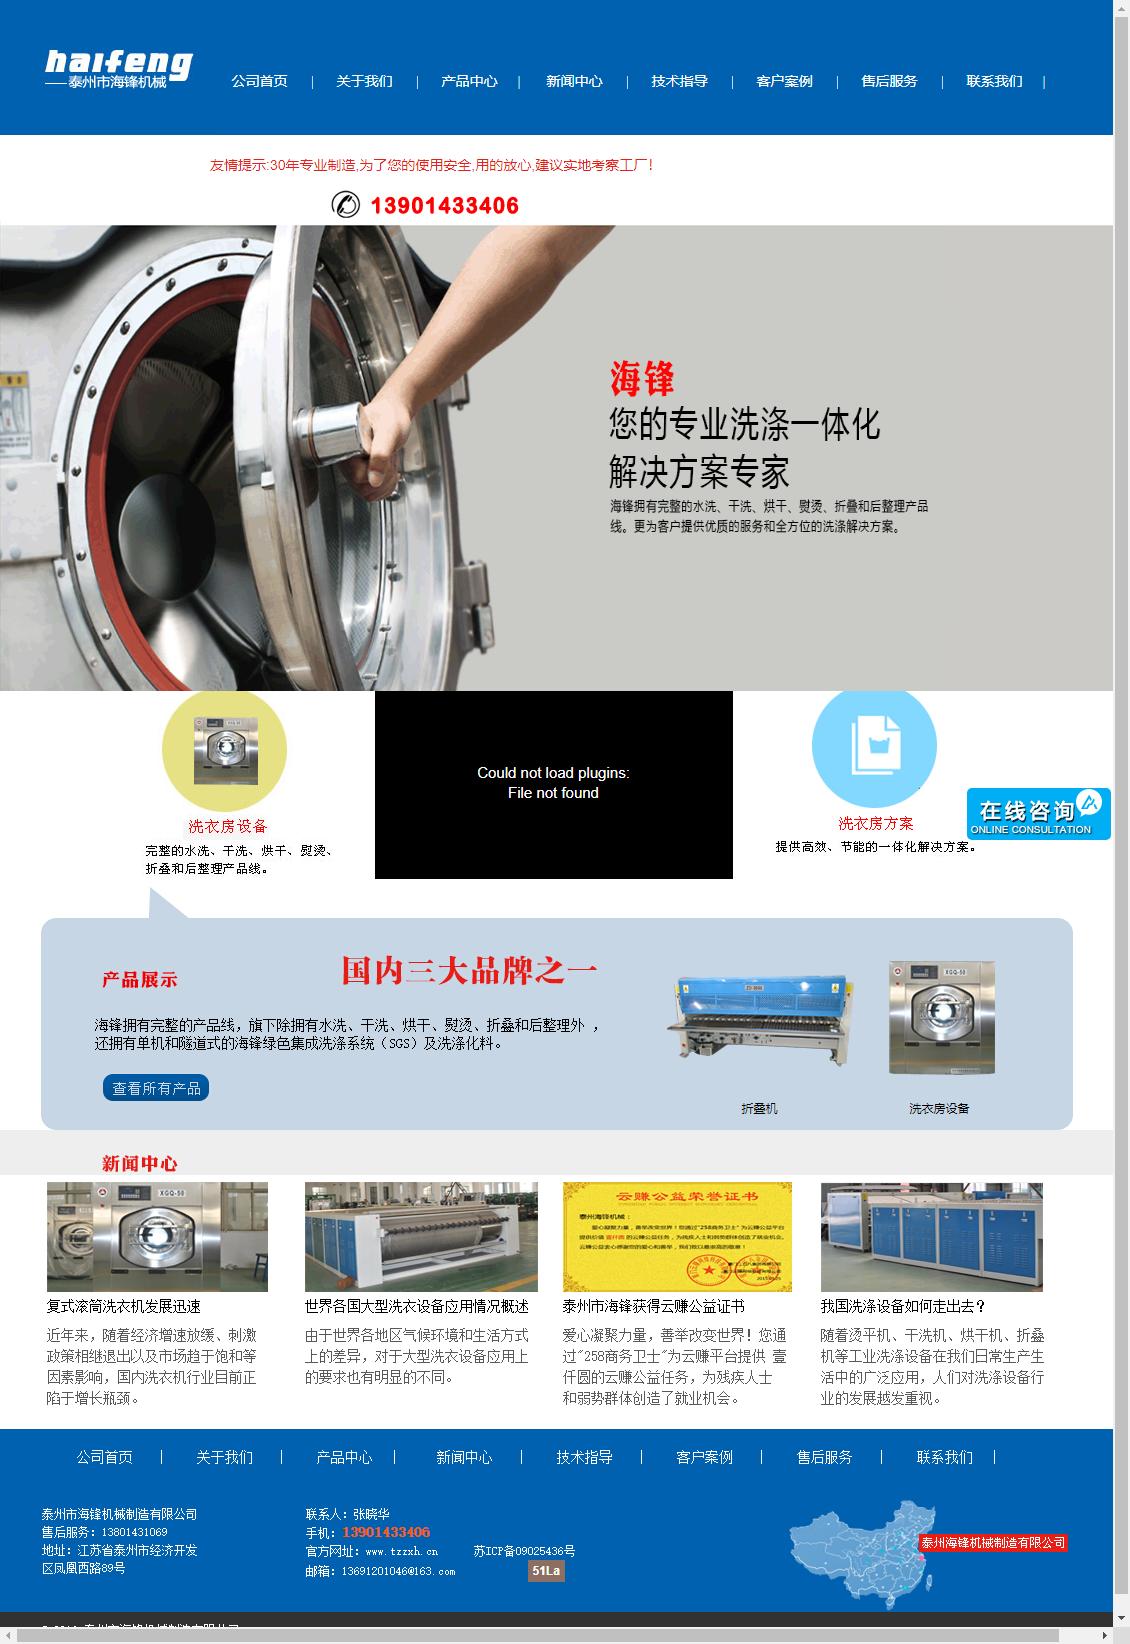 泰州市海锋机械制造有限公司网站案例